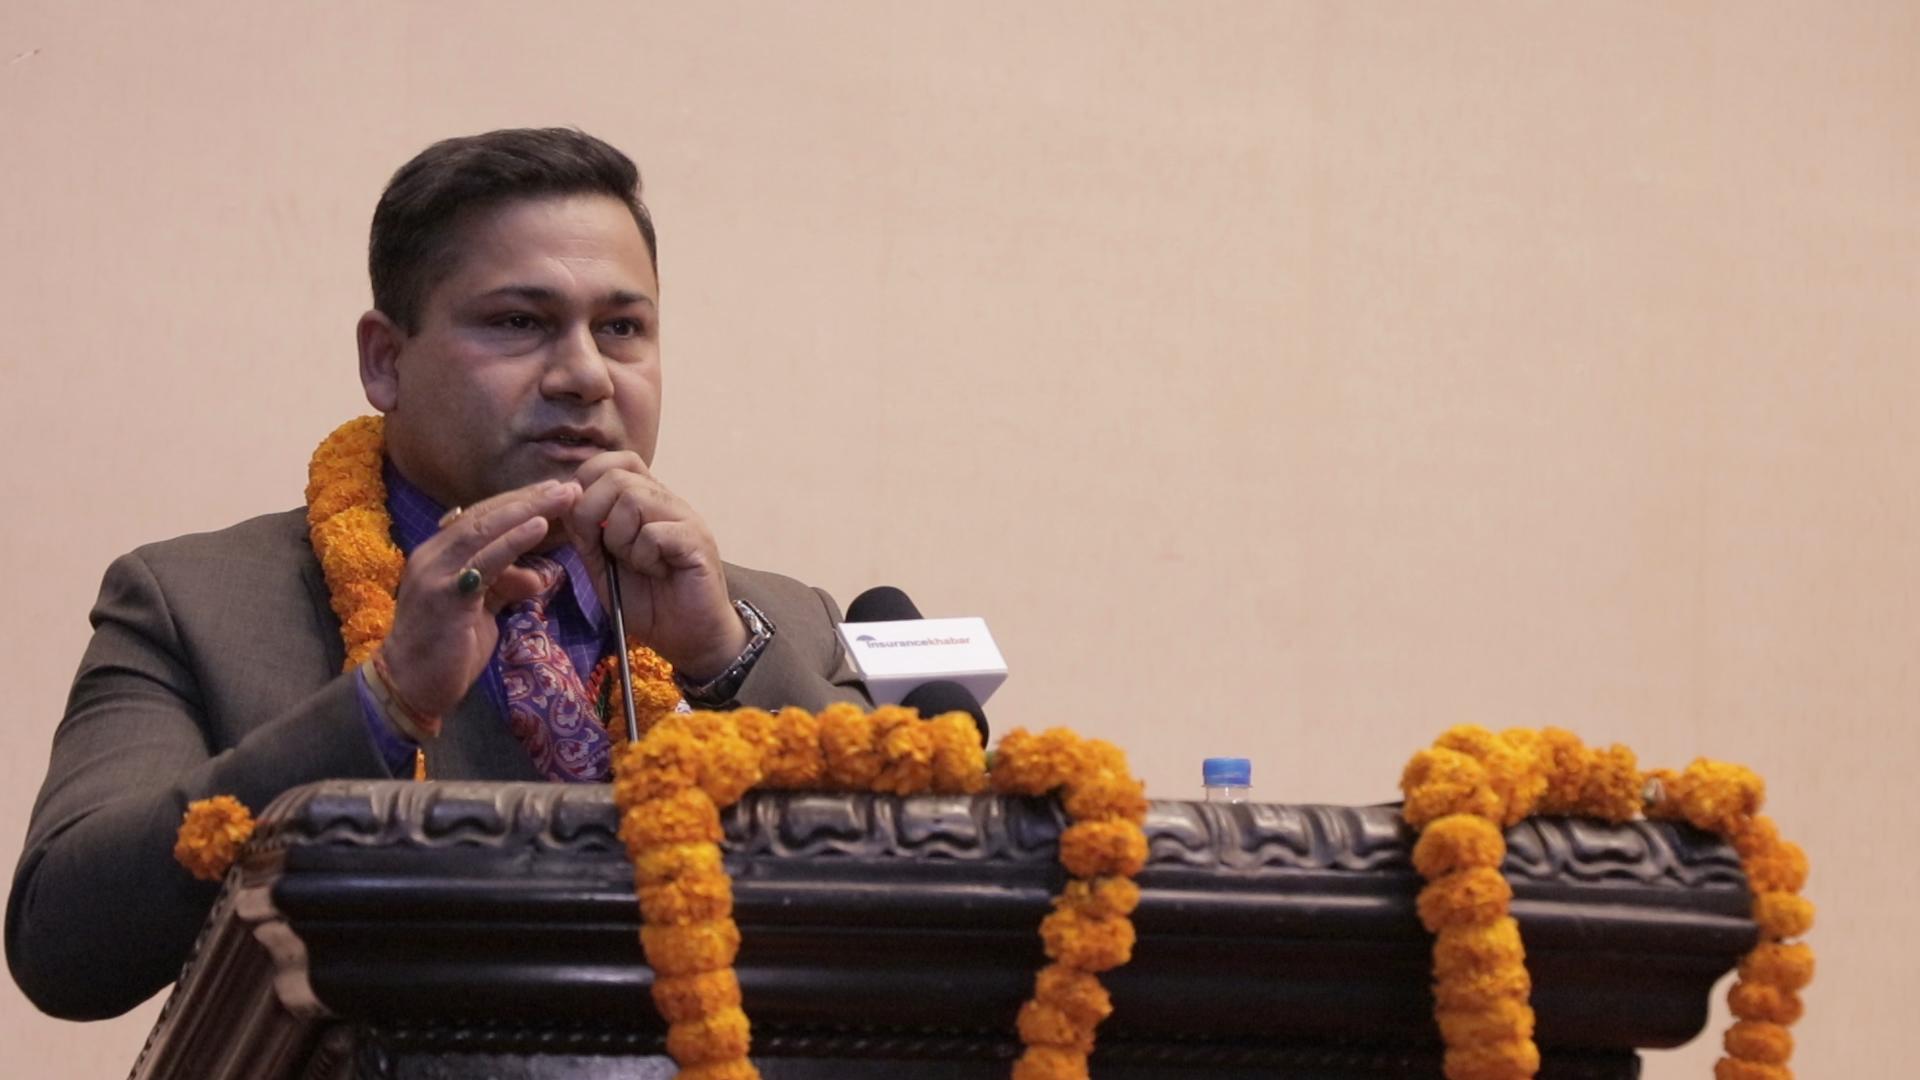 कतिपय कम्पनीको भर्खर बोनसदर बढेको छ- भोलि घट्दैन भन्न सकिदैन : नेपाल लाइफका सन्तोष प्रसाईको विचार